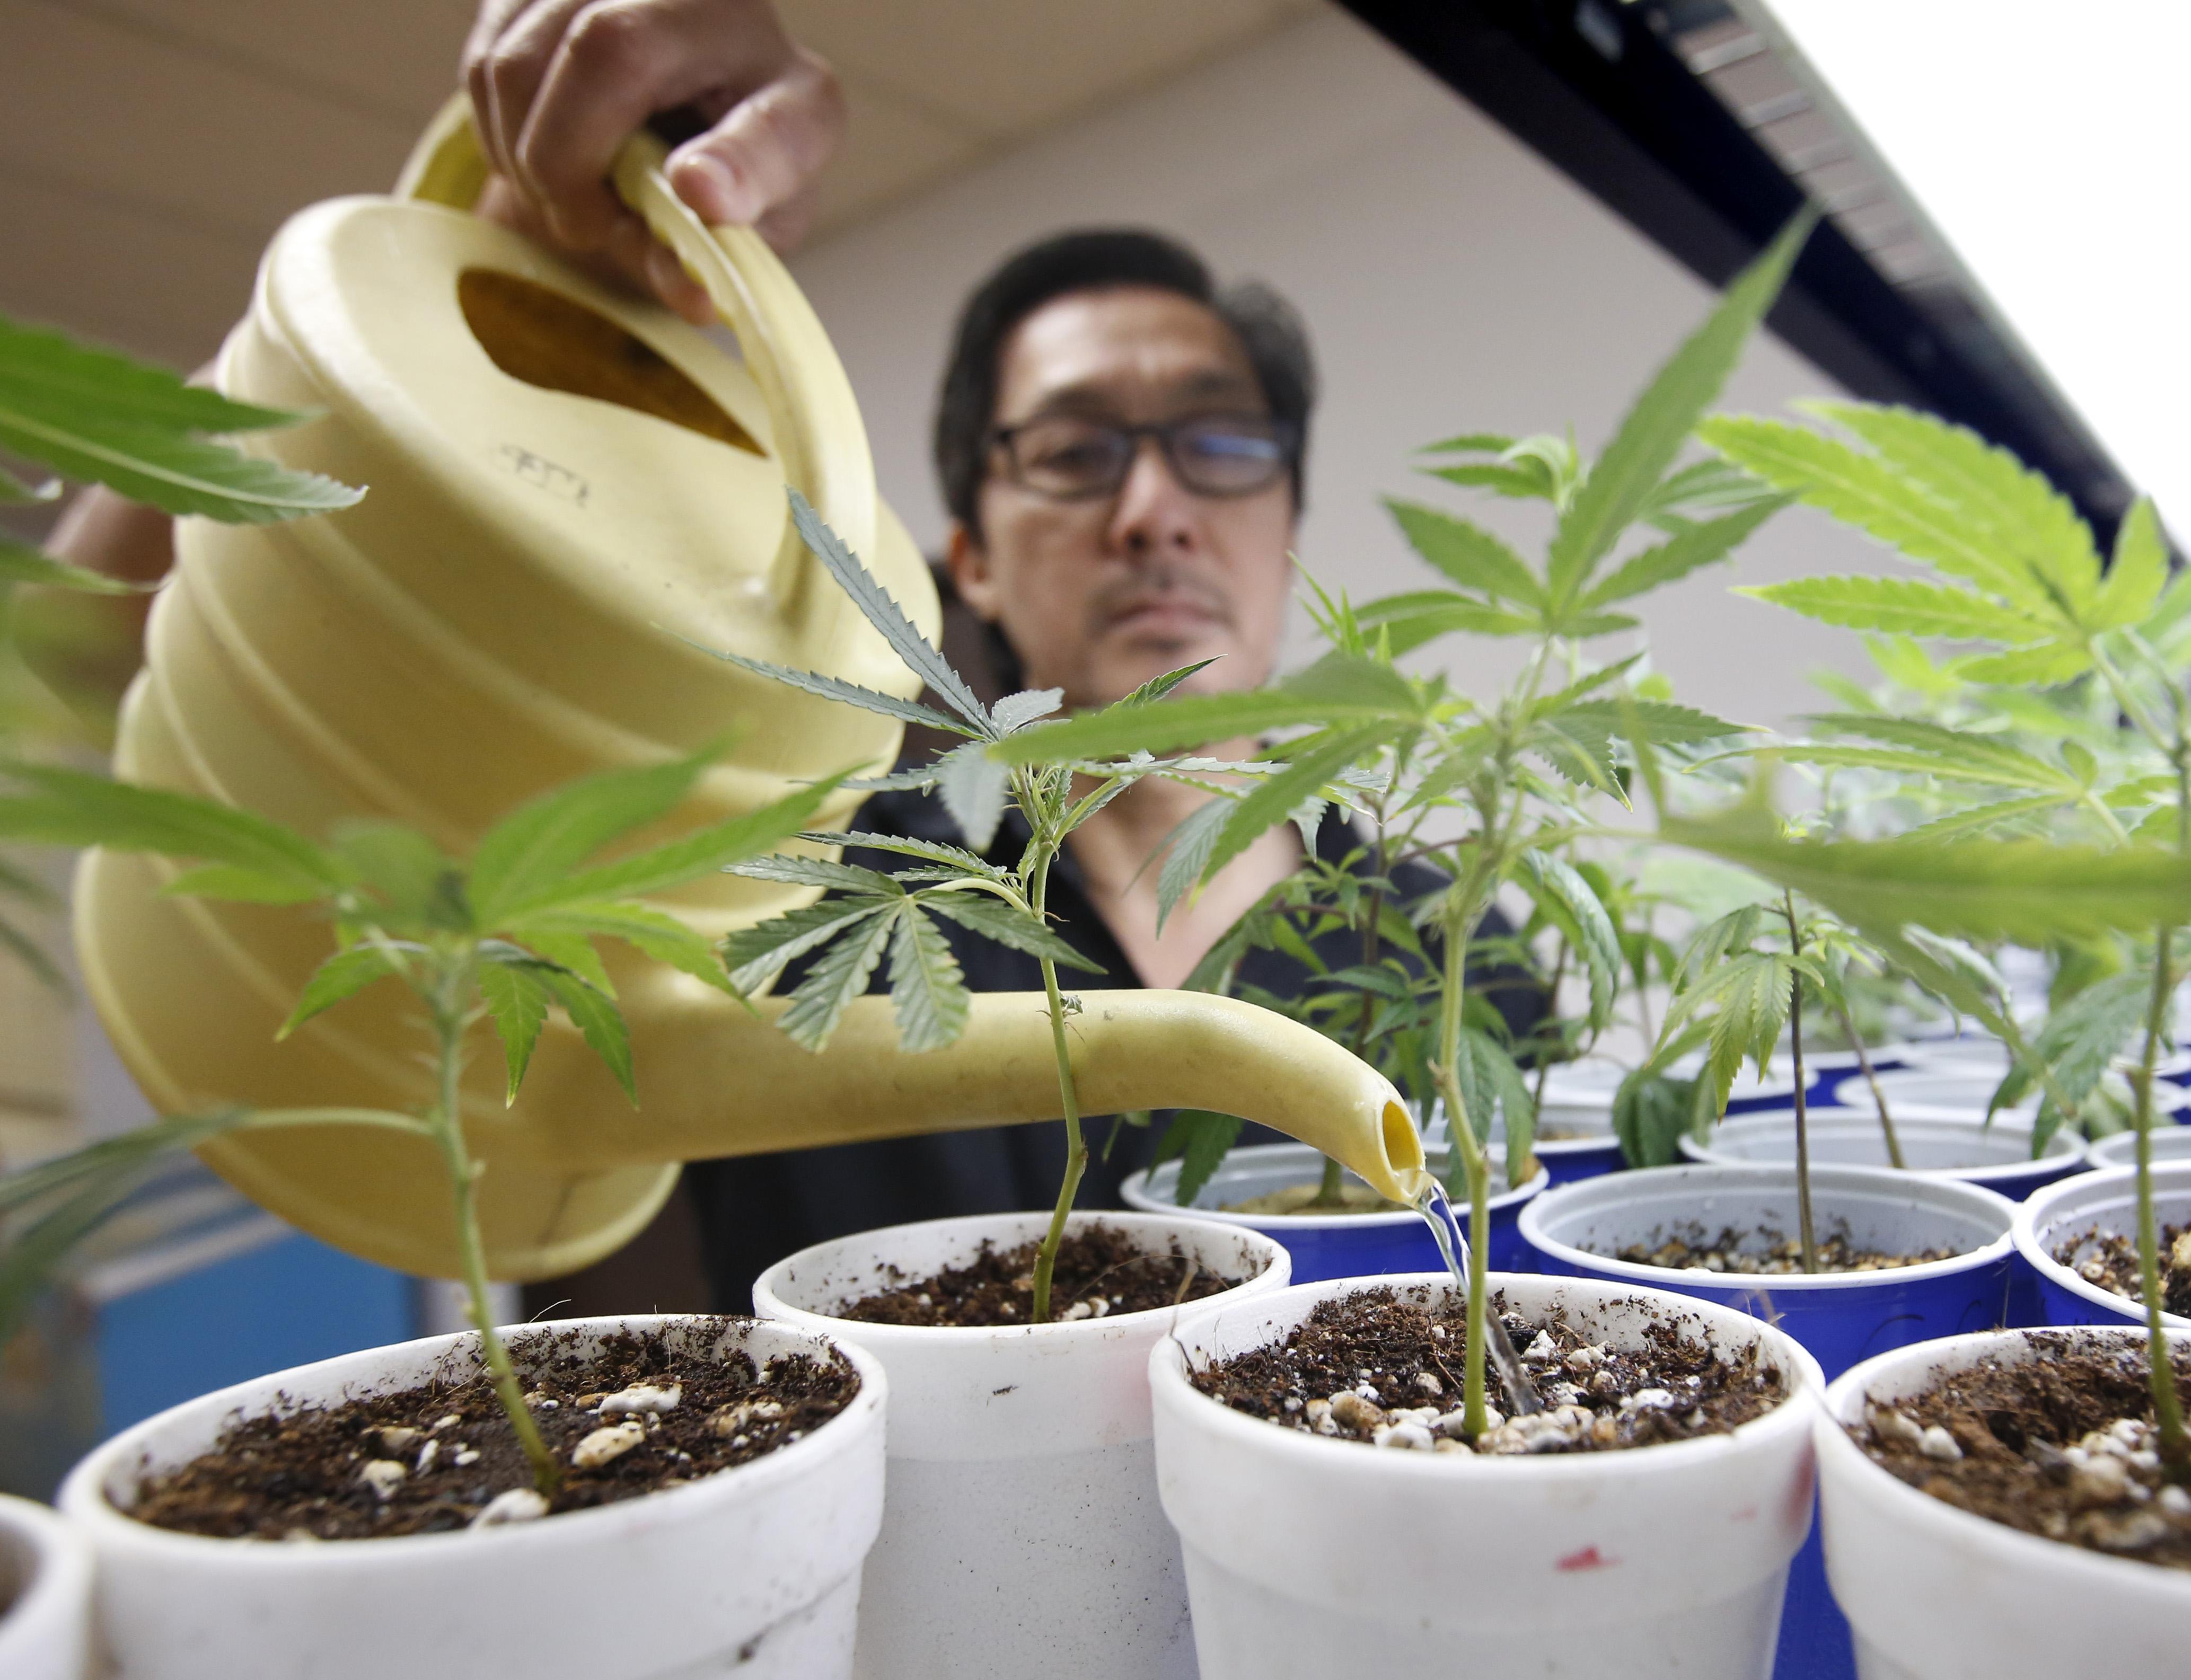 席爾拉馬德里欲禁止大麻在店裡銷售。帕沙迪納星報